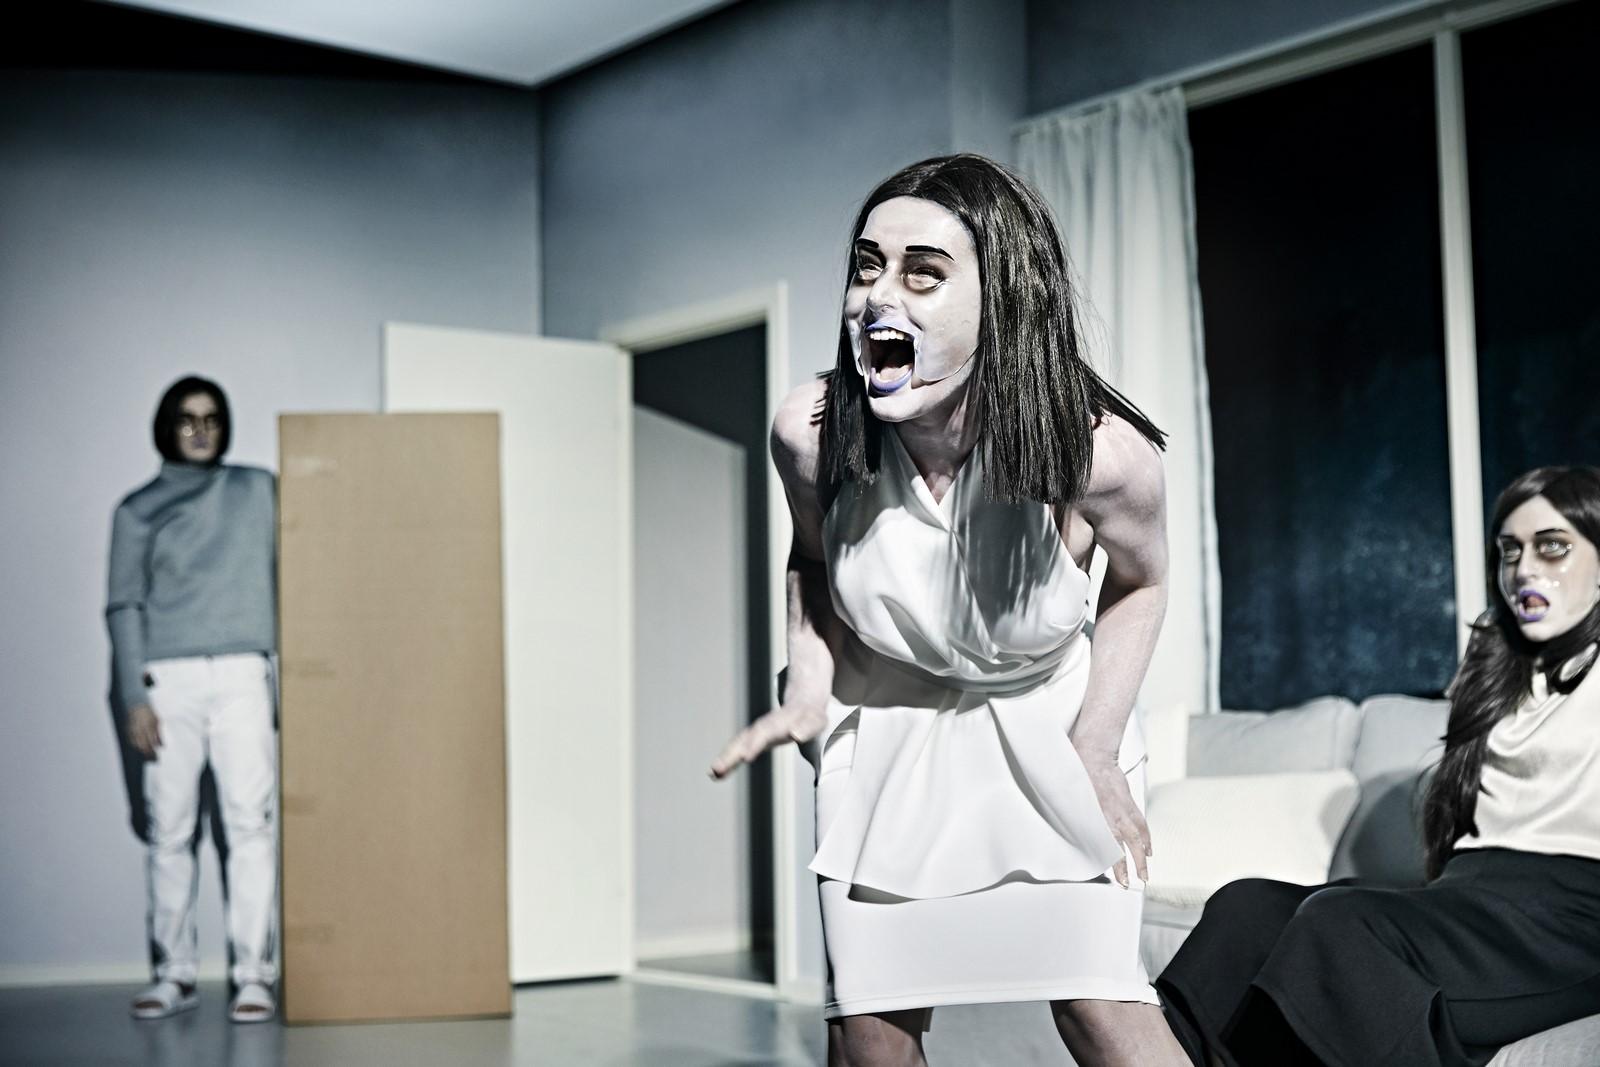 Anmeldelse: Revolution, Godsbanen (Aarhus Teater og Sort/Hvid)